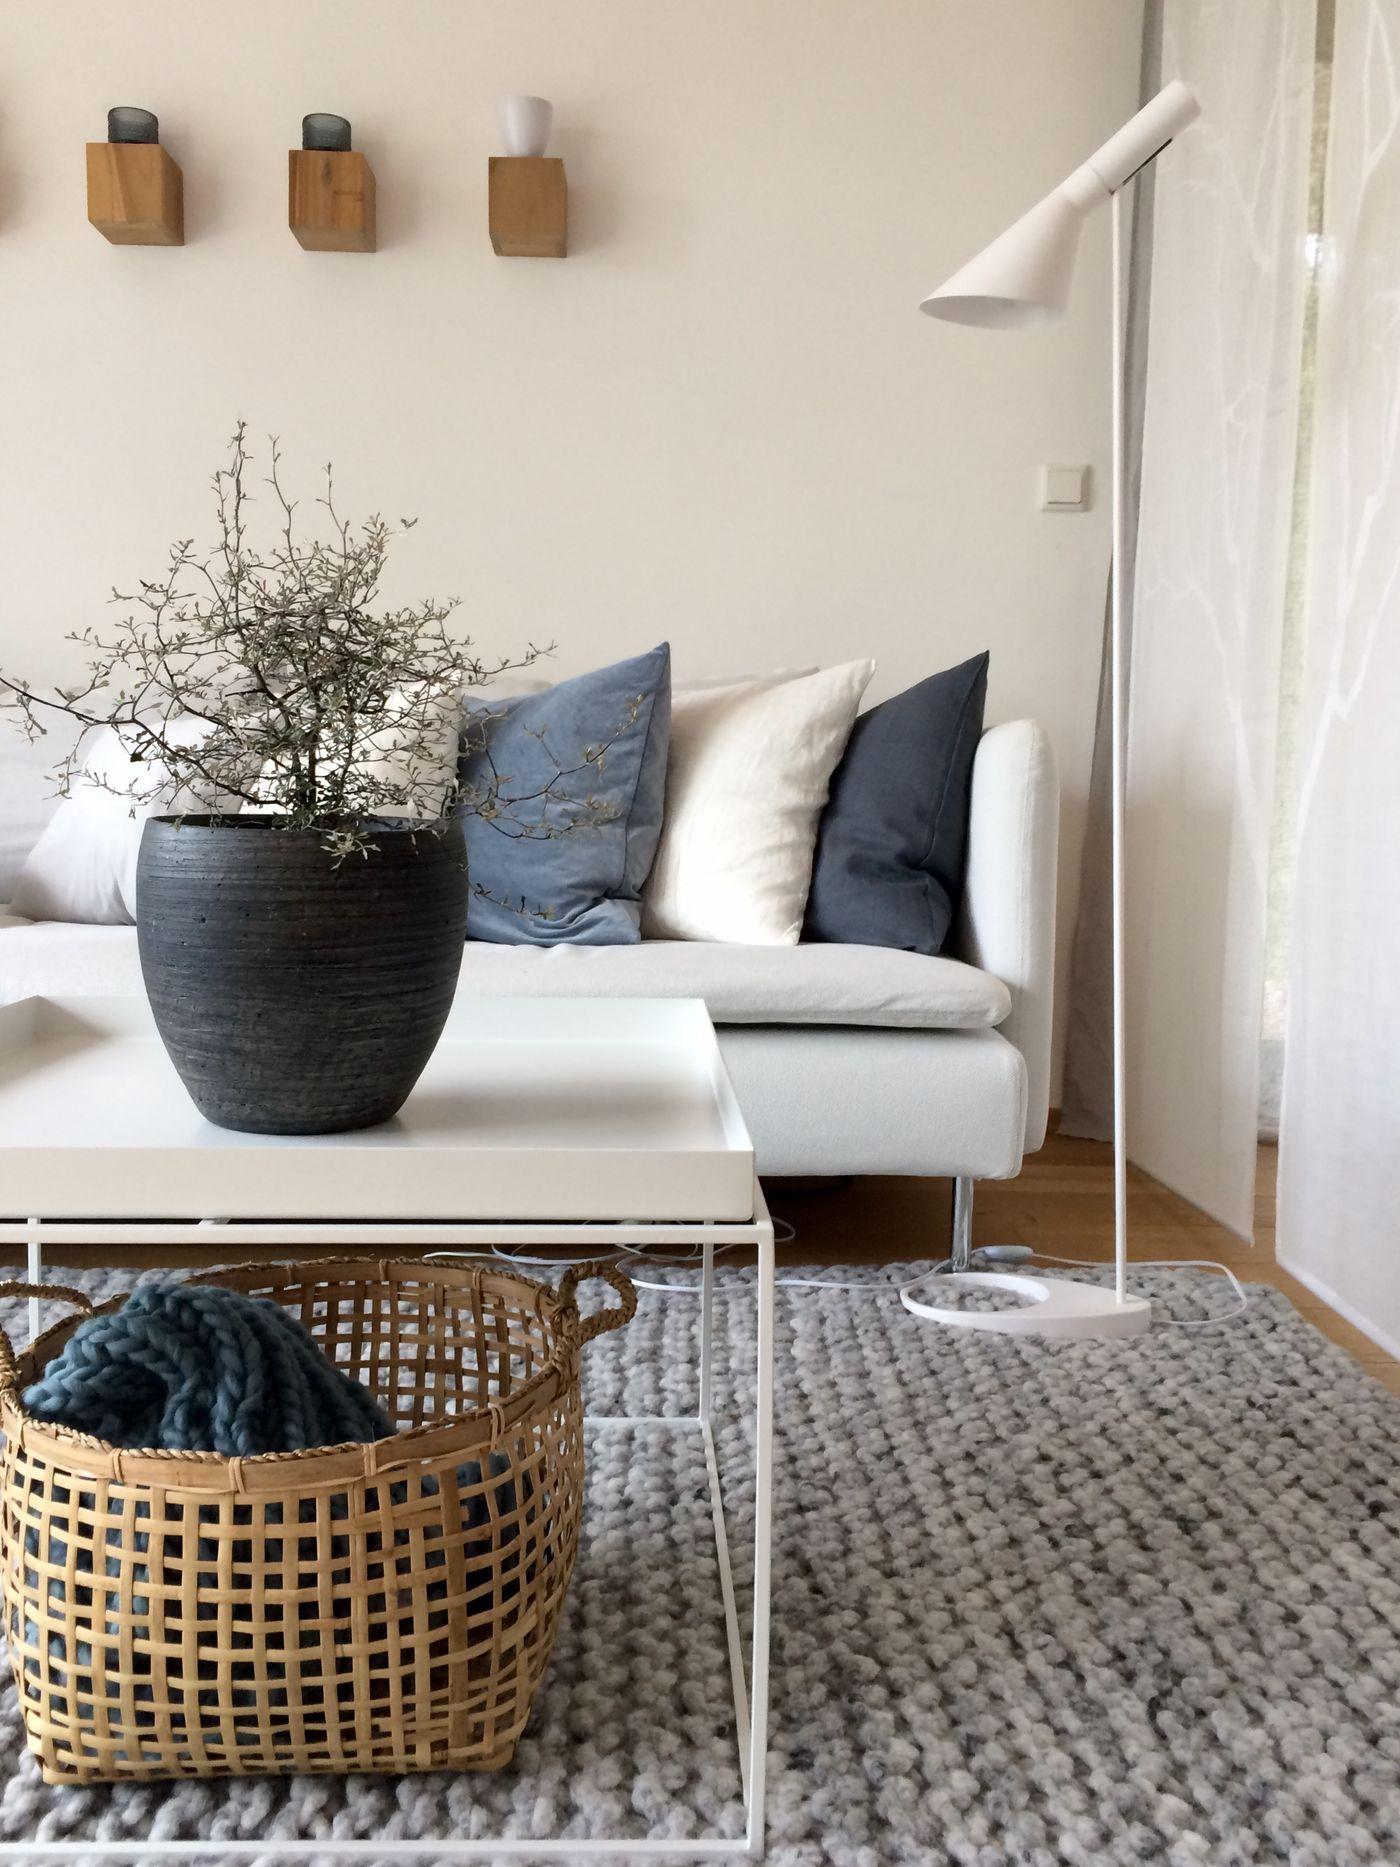 wanddekoration ideen wohnzimmer, die schönsten wanddeko ideen, Design ideen